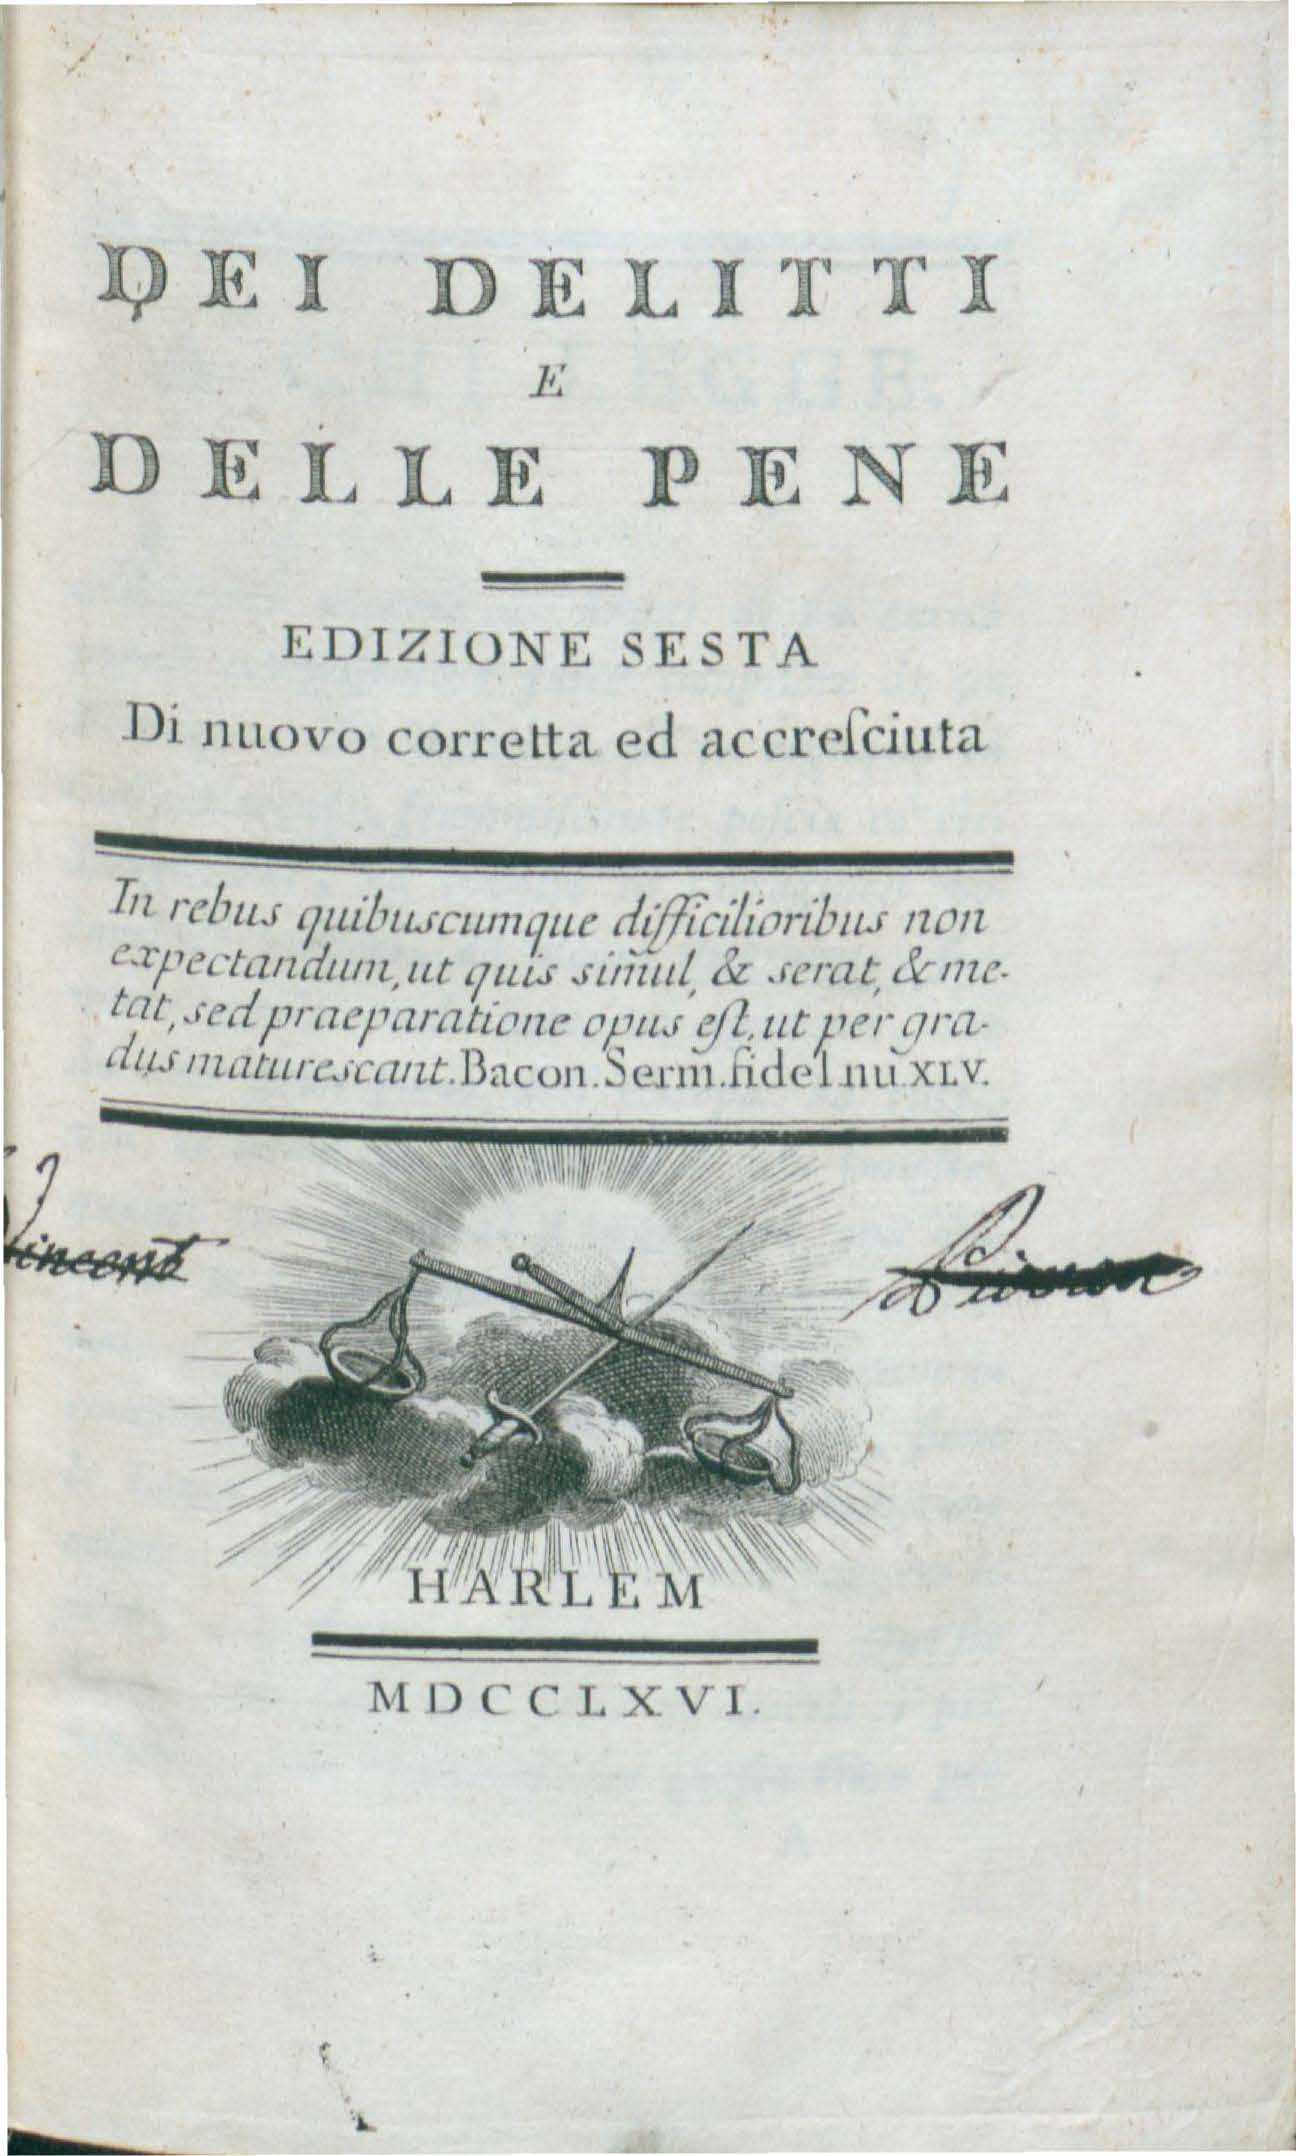 http://upload.wikimedia.org/wikipedia/commons/f/f4/Dei_delitti_e_delle_pene%2C_edizione_VI%2C_frontespizio.jpg